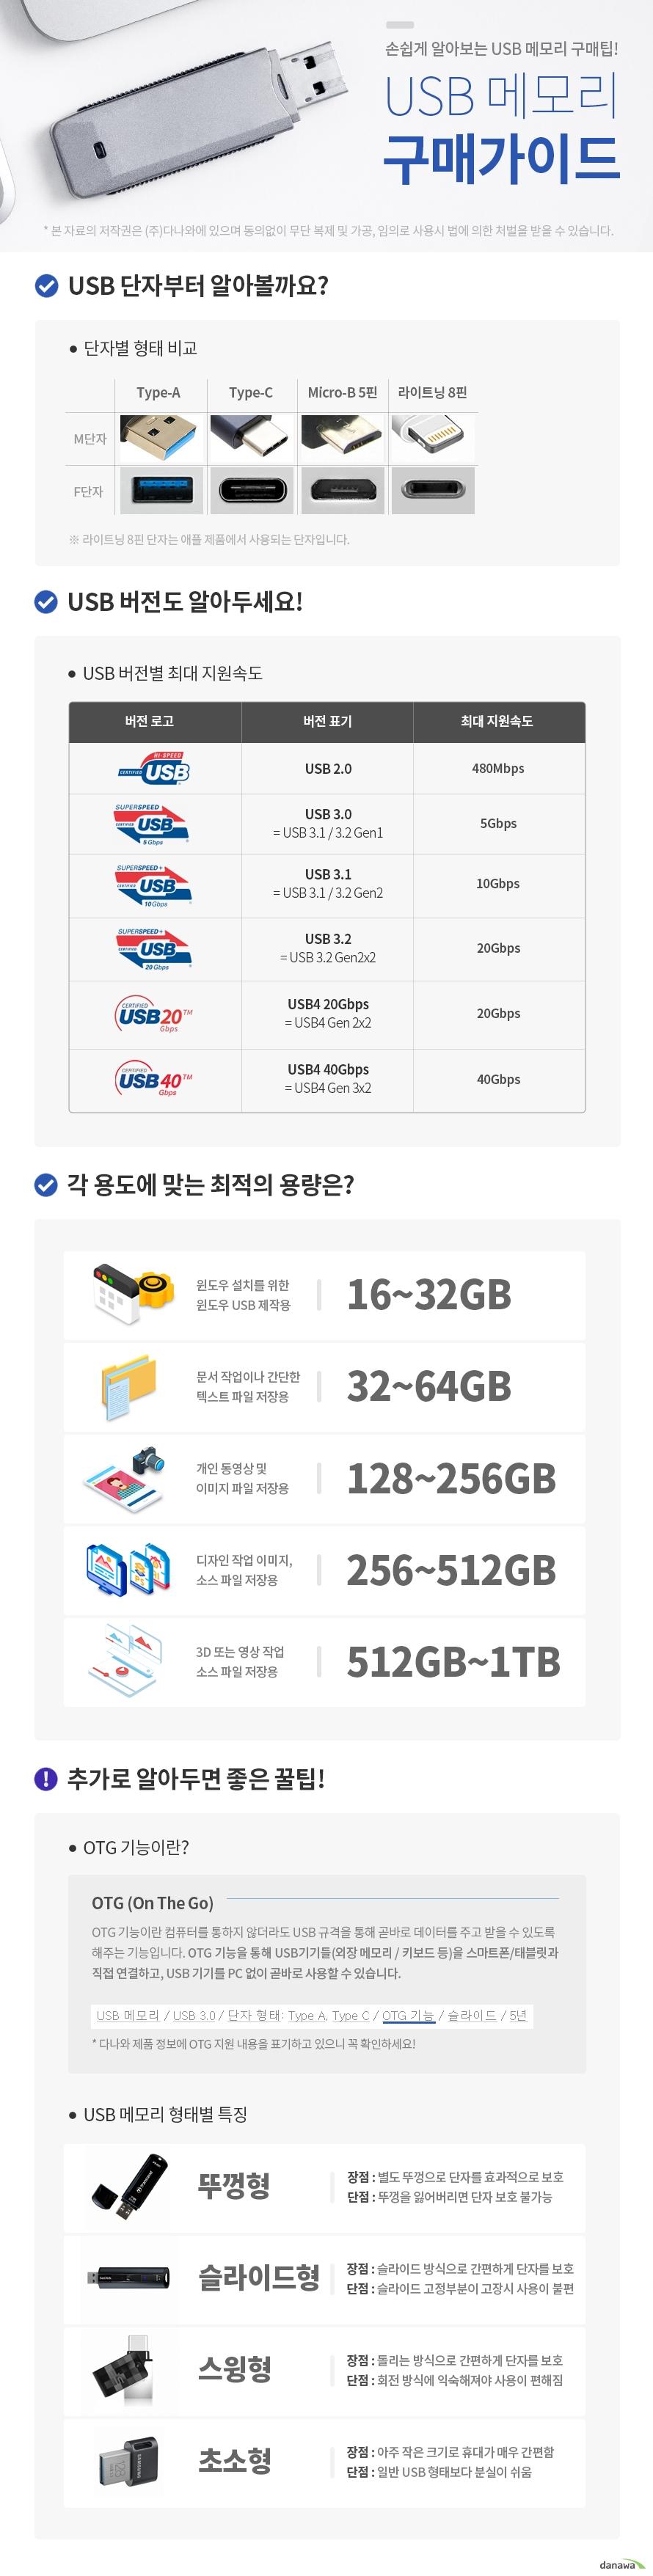 메모렛 스마트 스윙 OTG 마이크로 5핀 (32GB)